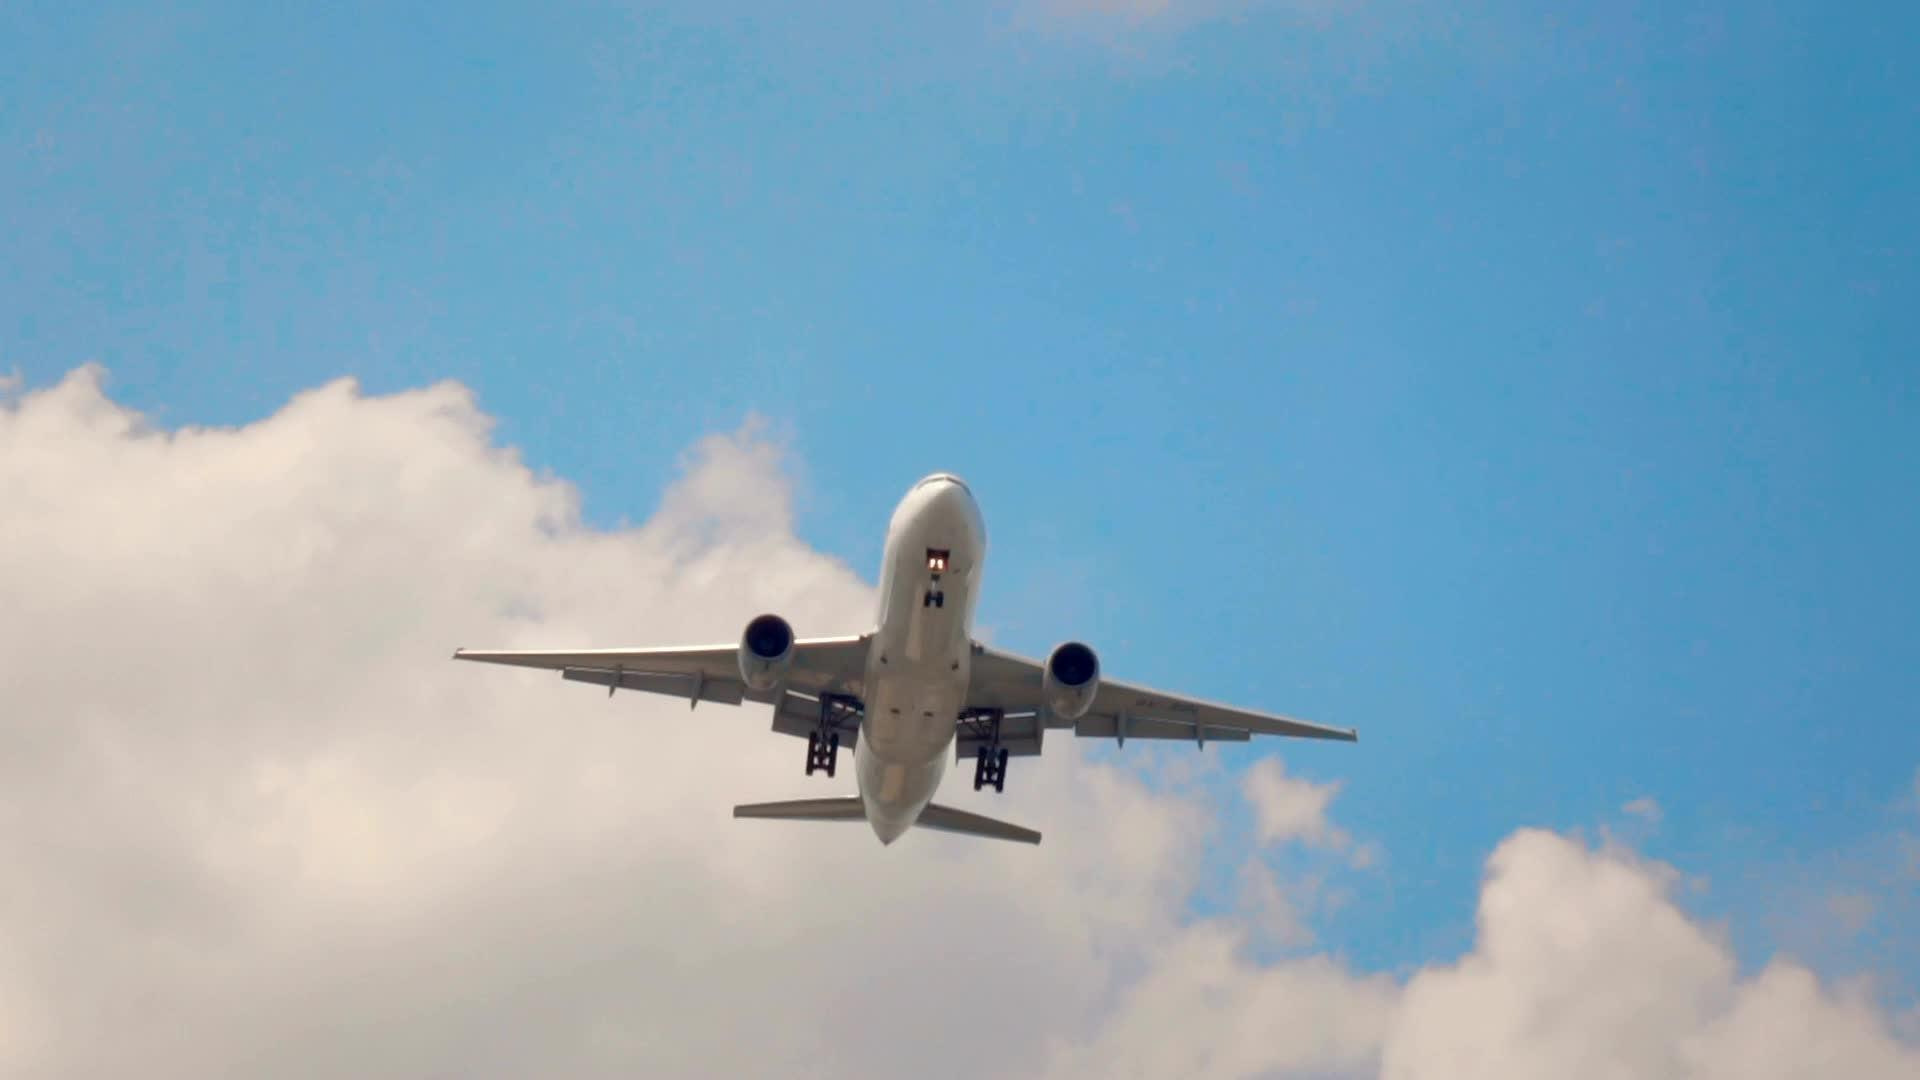 ¿Por qué hay vuelos vacíos?